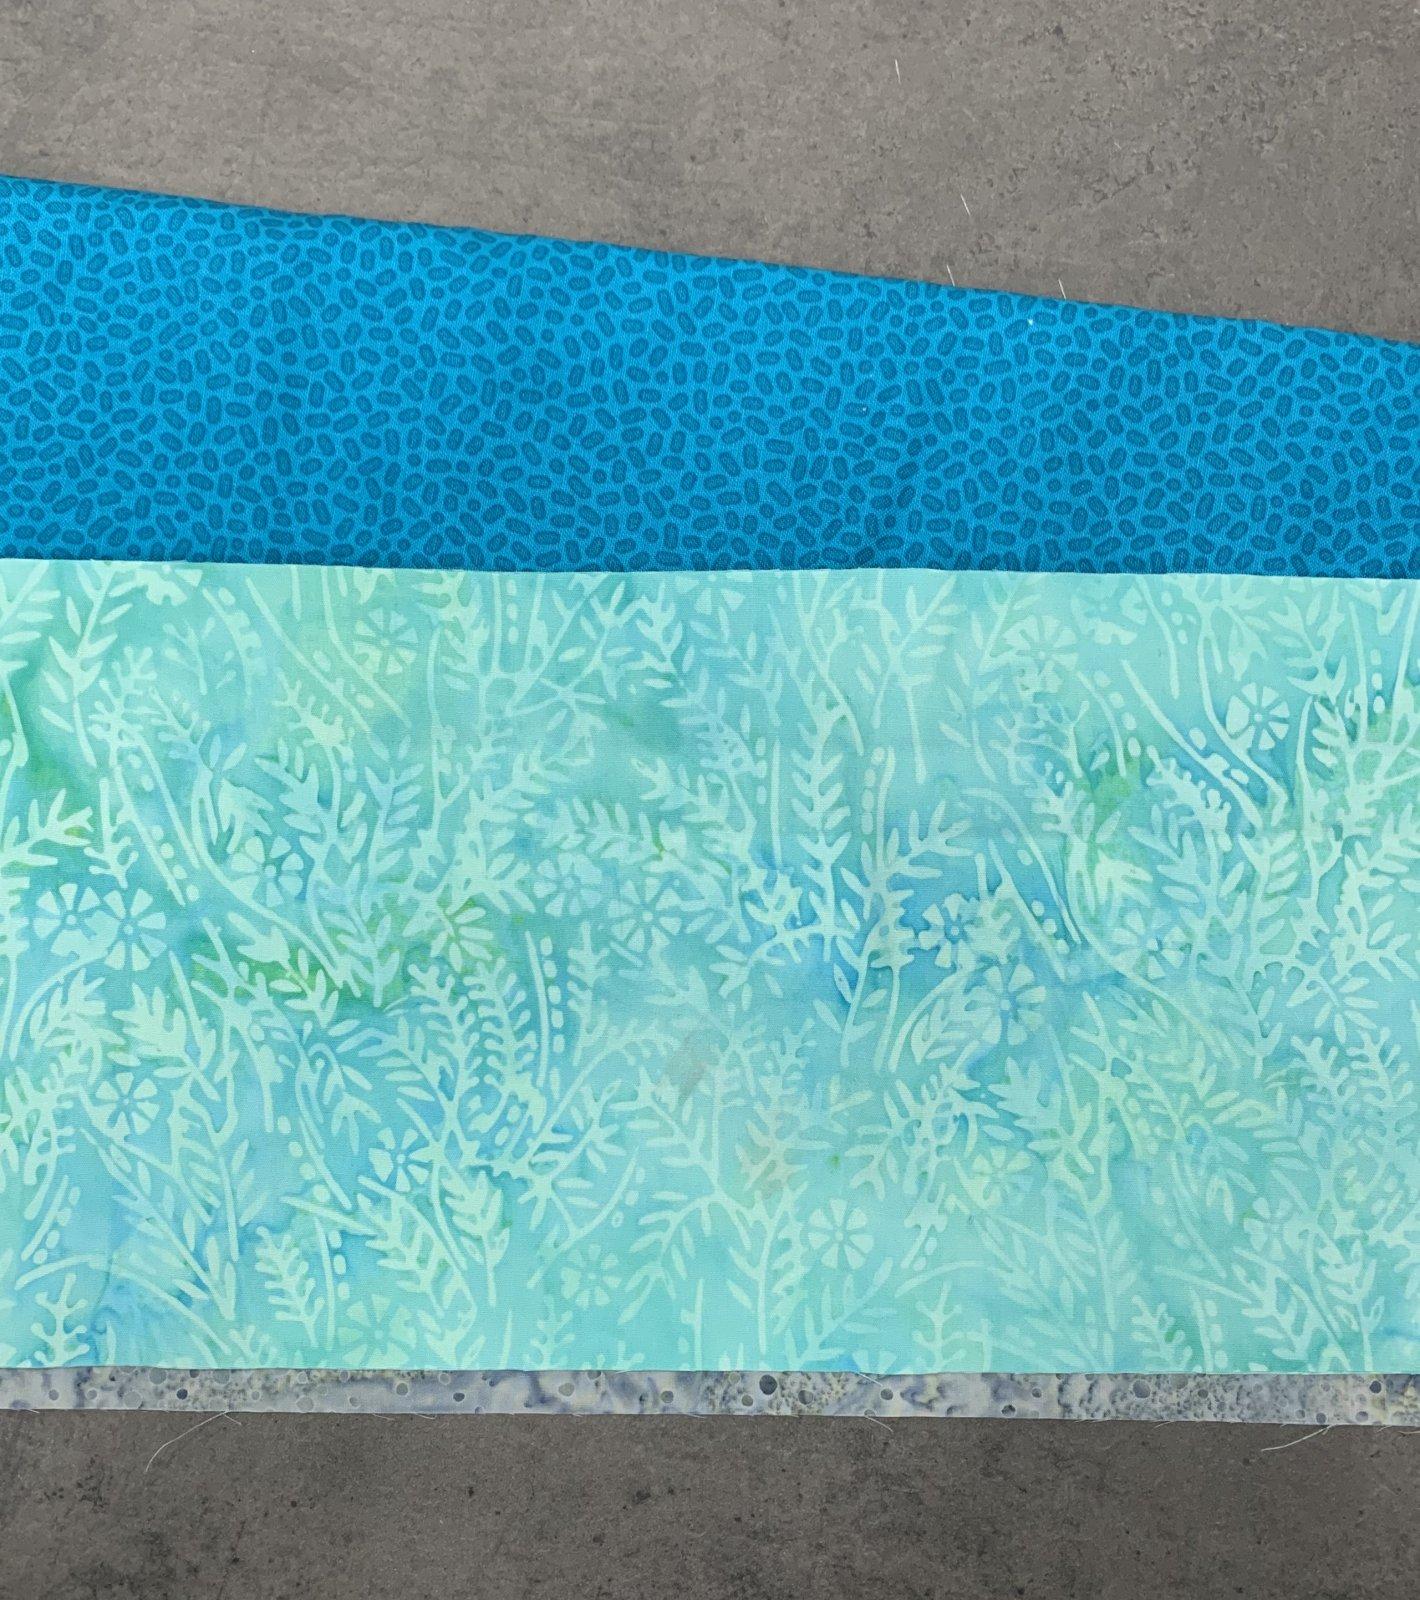 Batik Face Masks (makes 4-5) - Teal Blue